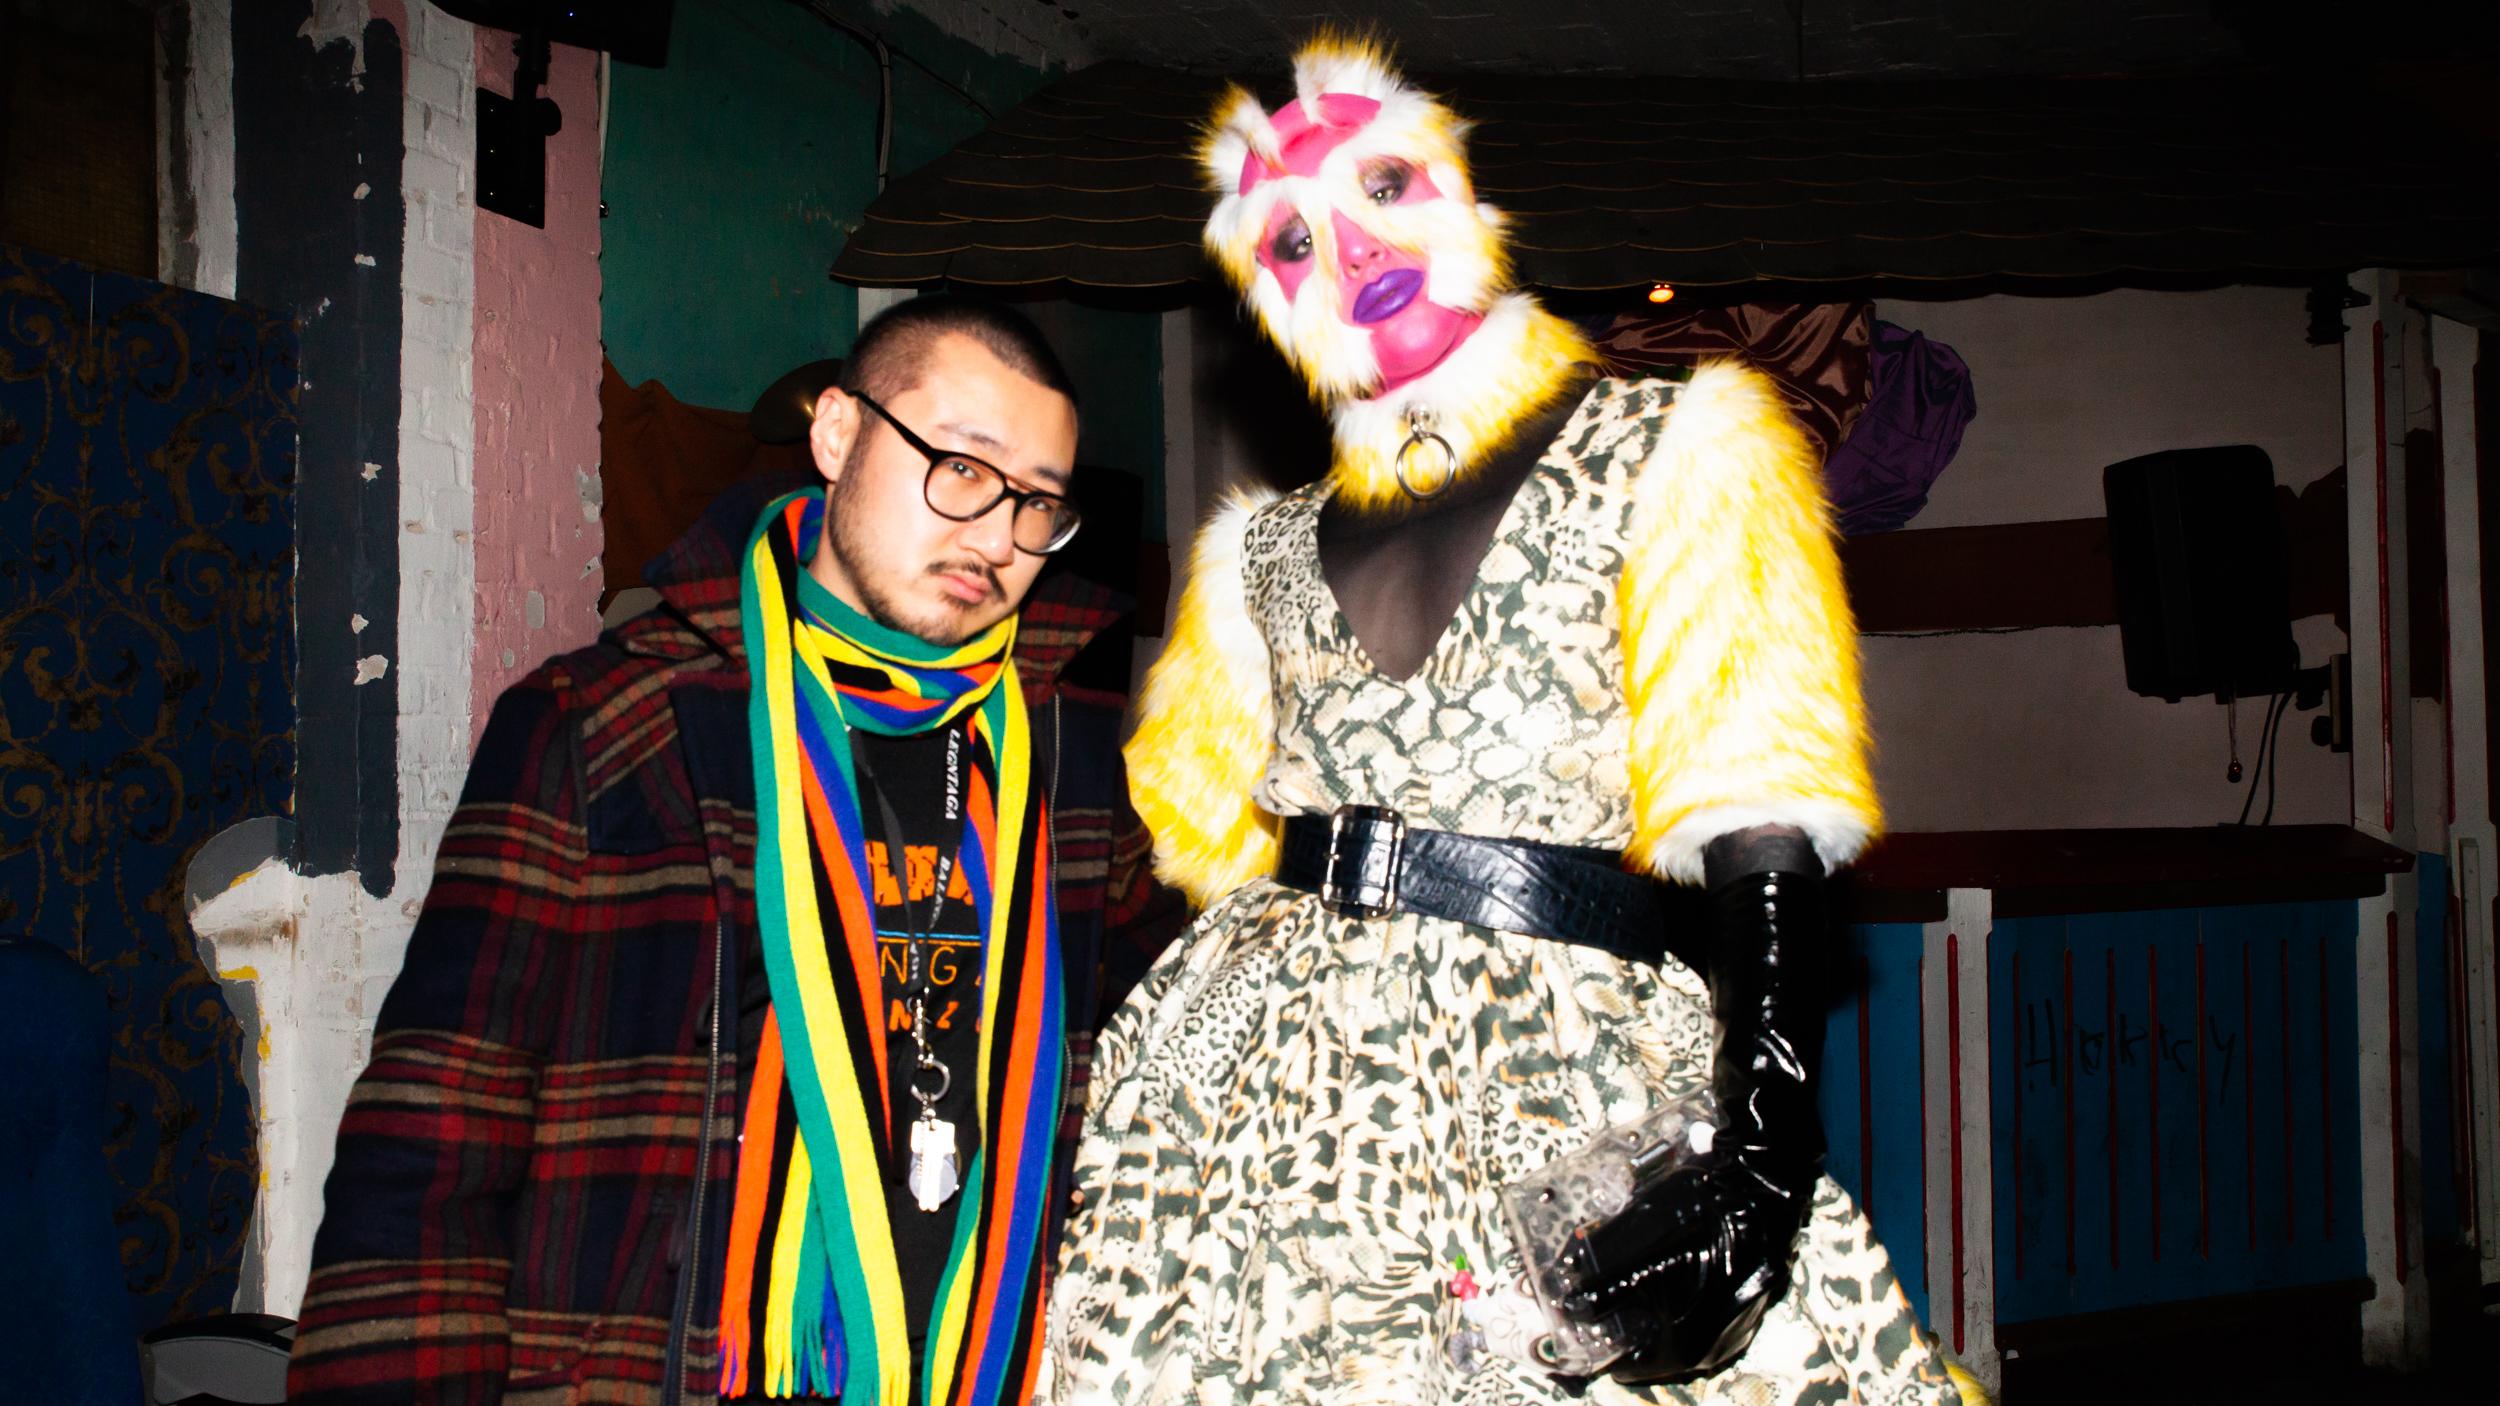 Ich habe mich als chinesischer Influencer verkleidet, um auf die Fashion Week zu kommen